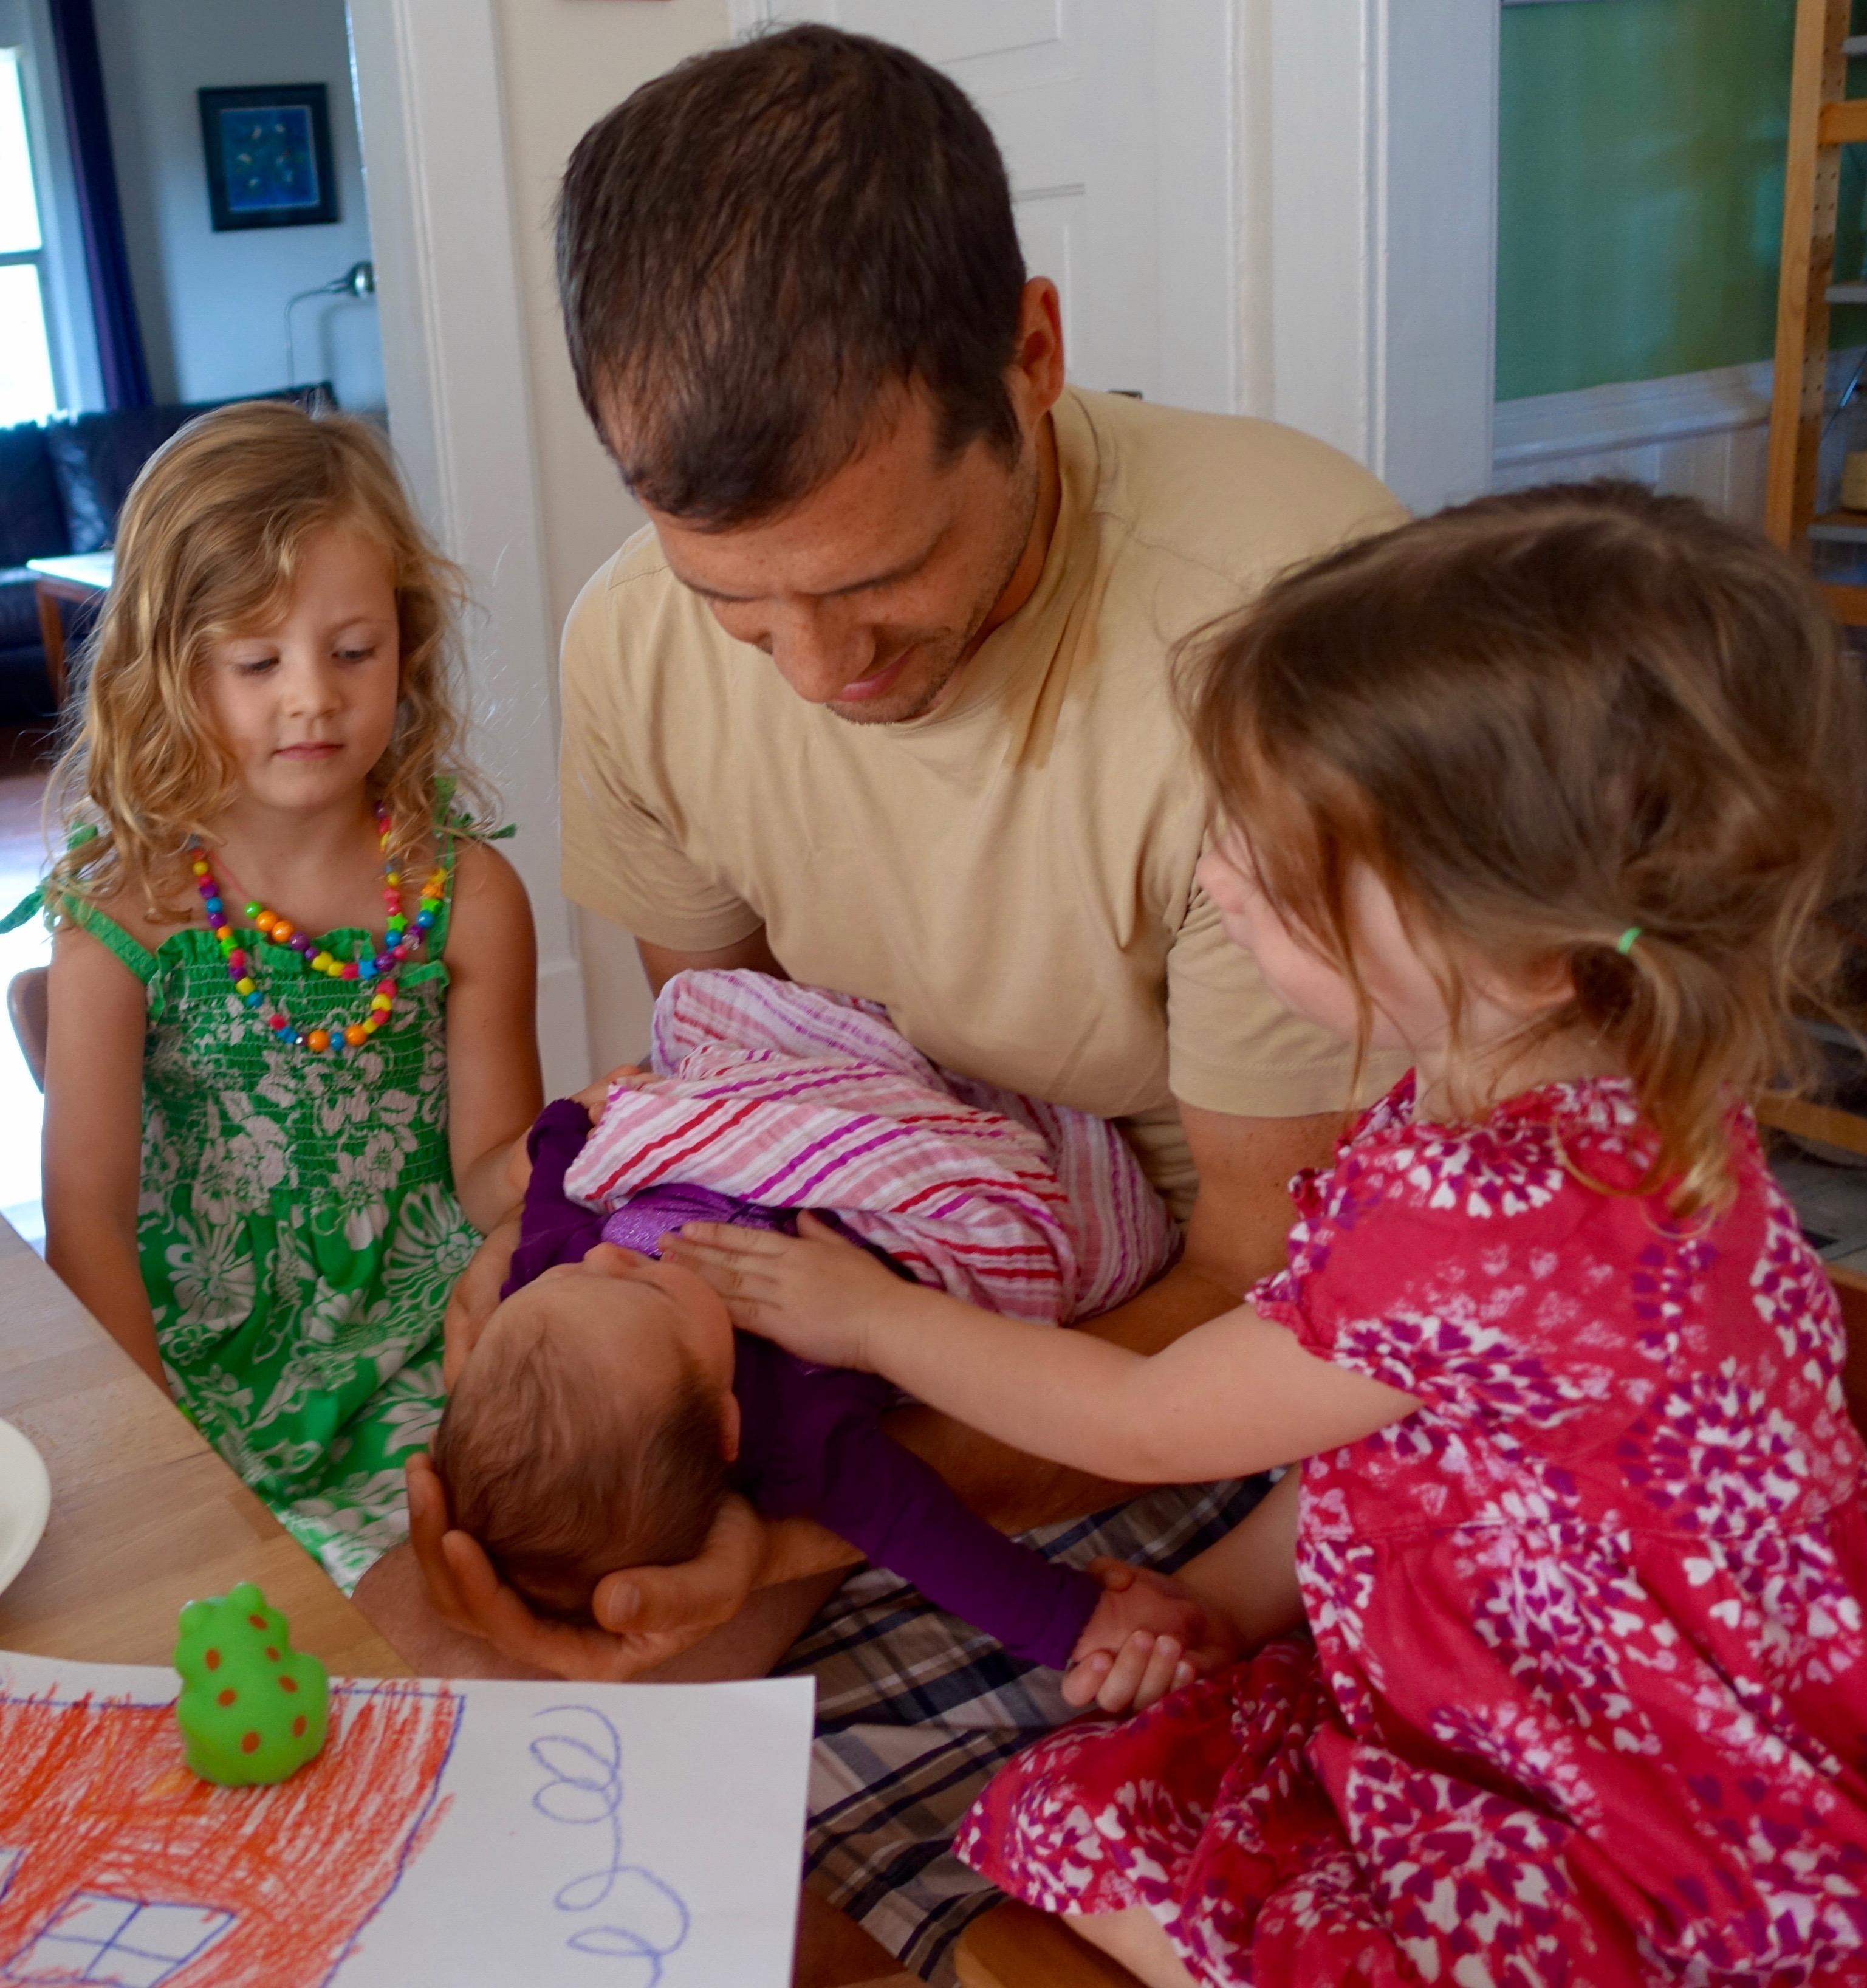 Children loving their new baby sister